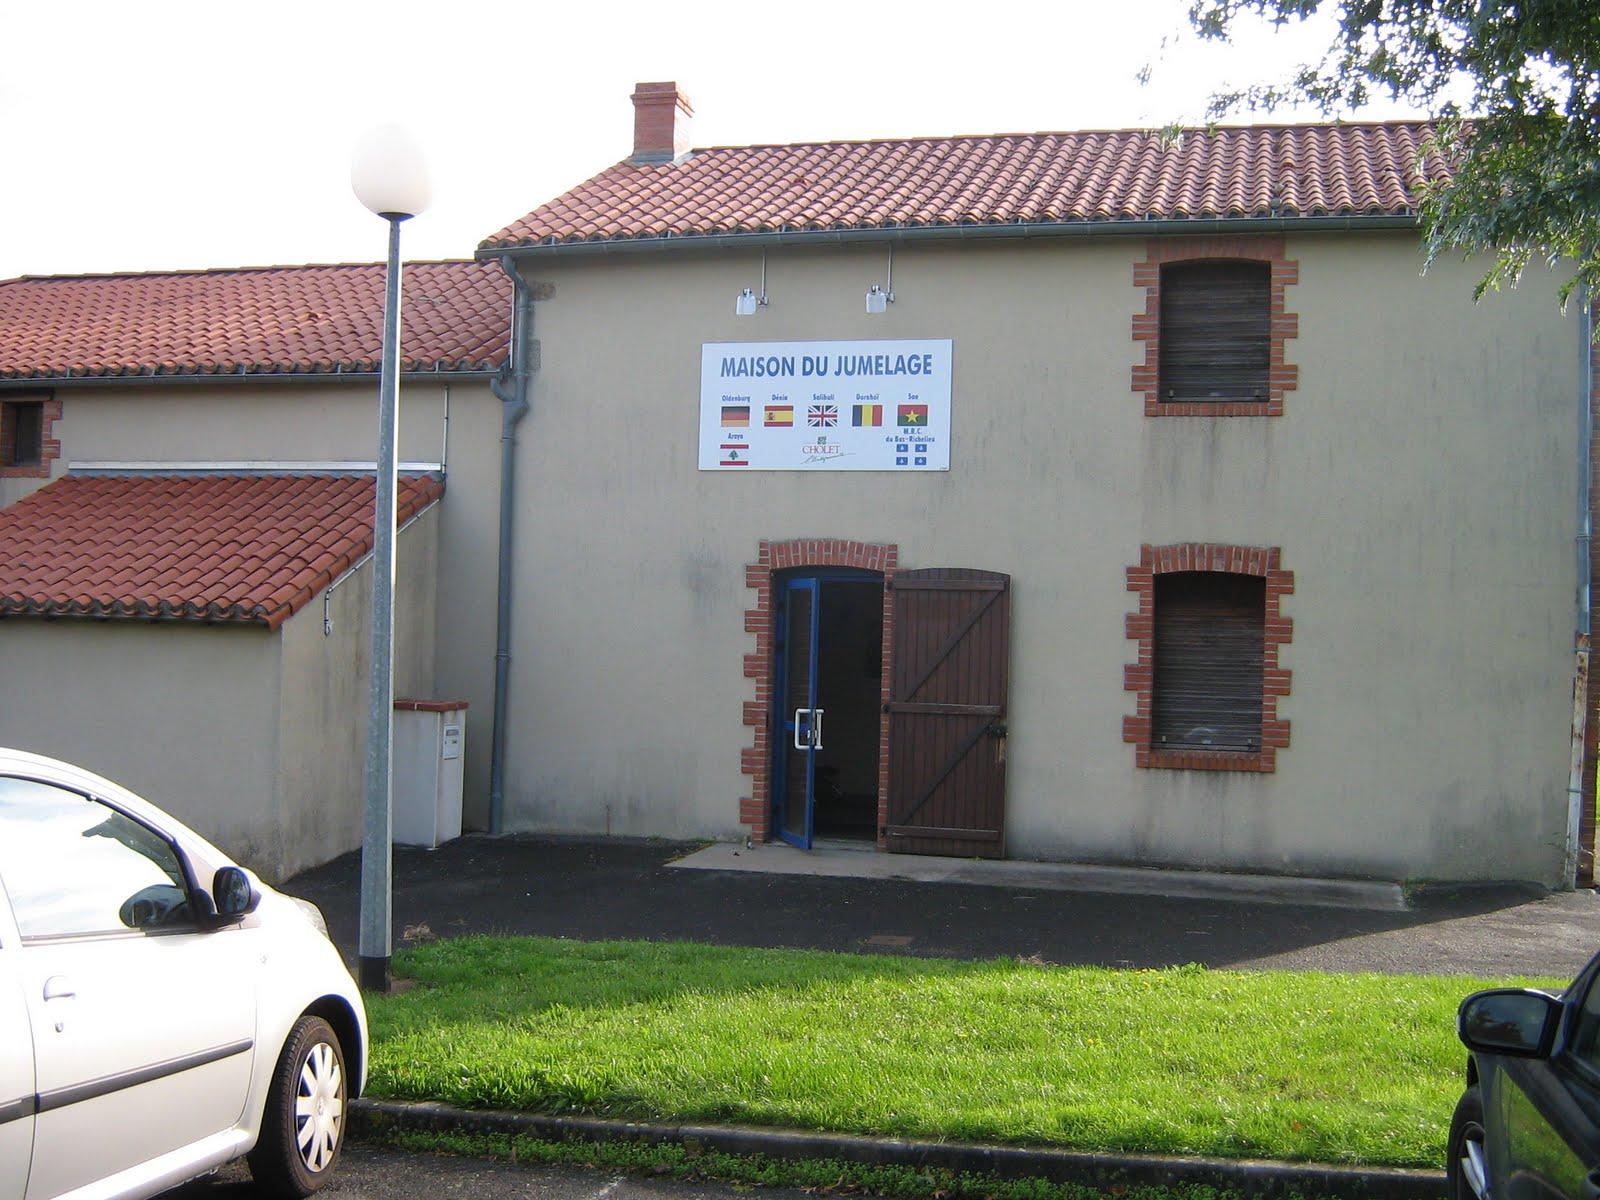 Choletdeniaespagne la maison du jumelage si ge de l for Association maison